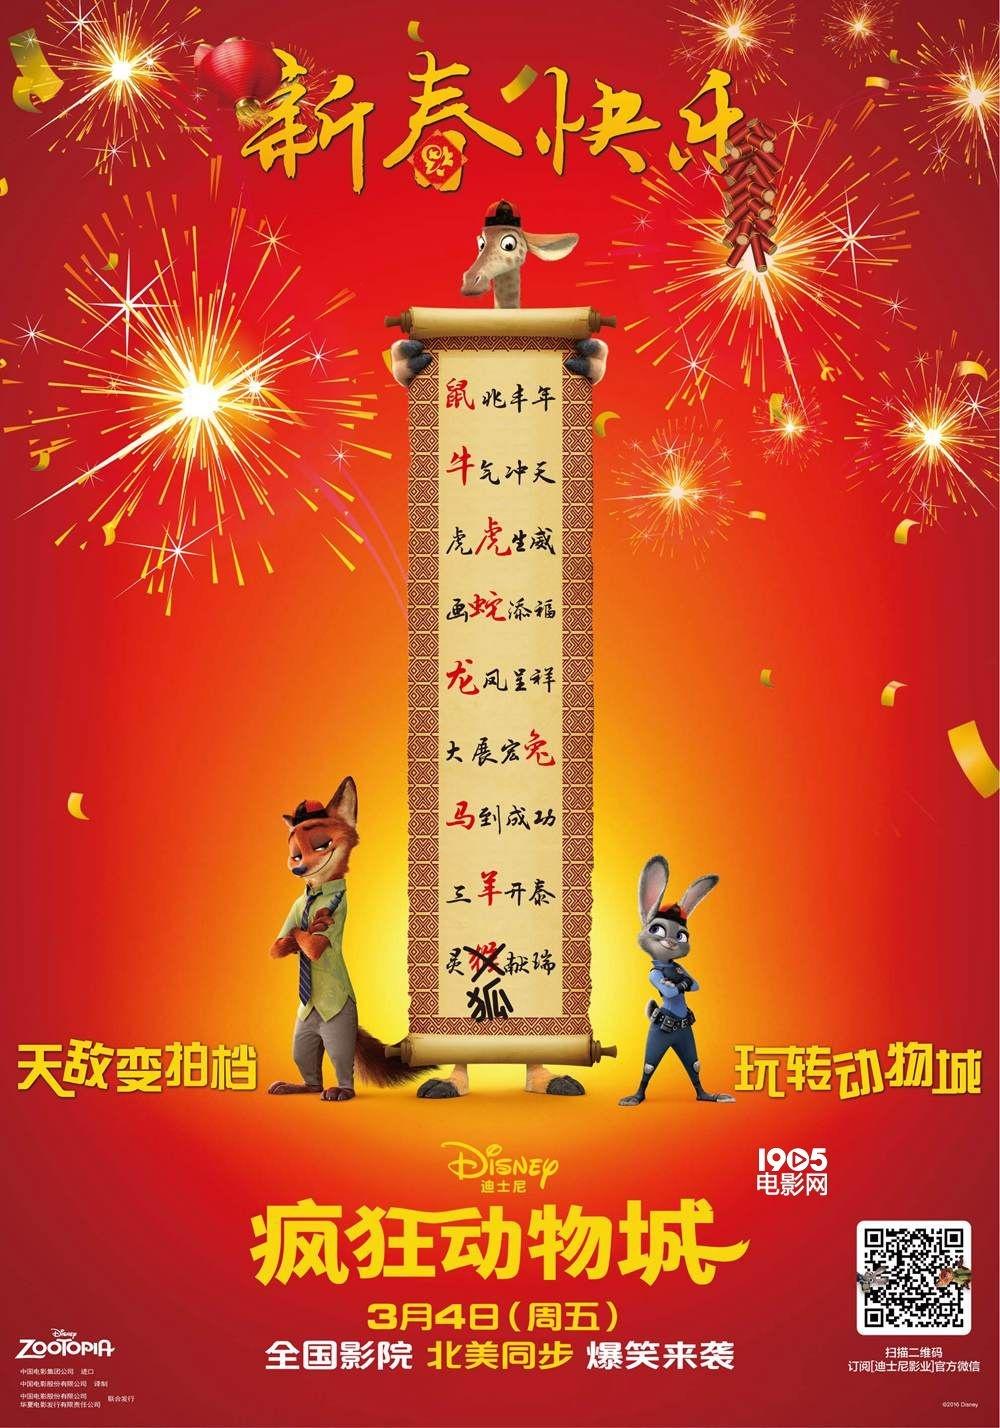 《疯狂动物城》曝新春海报 新预告显动物城魅力